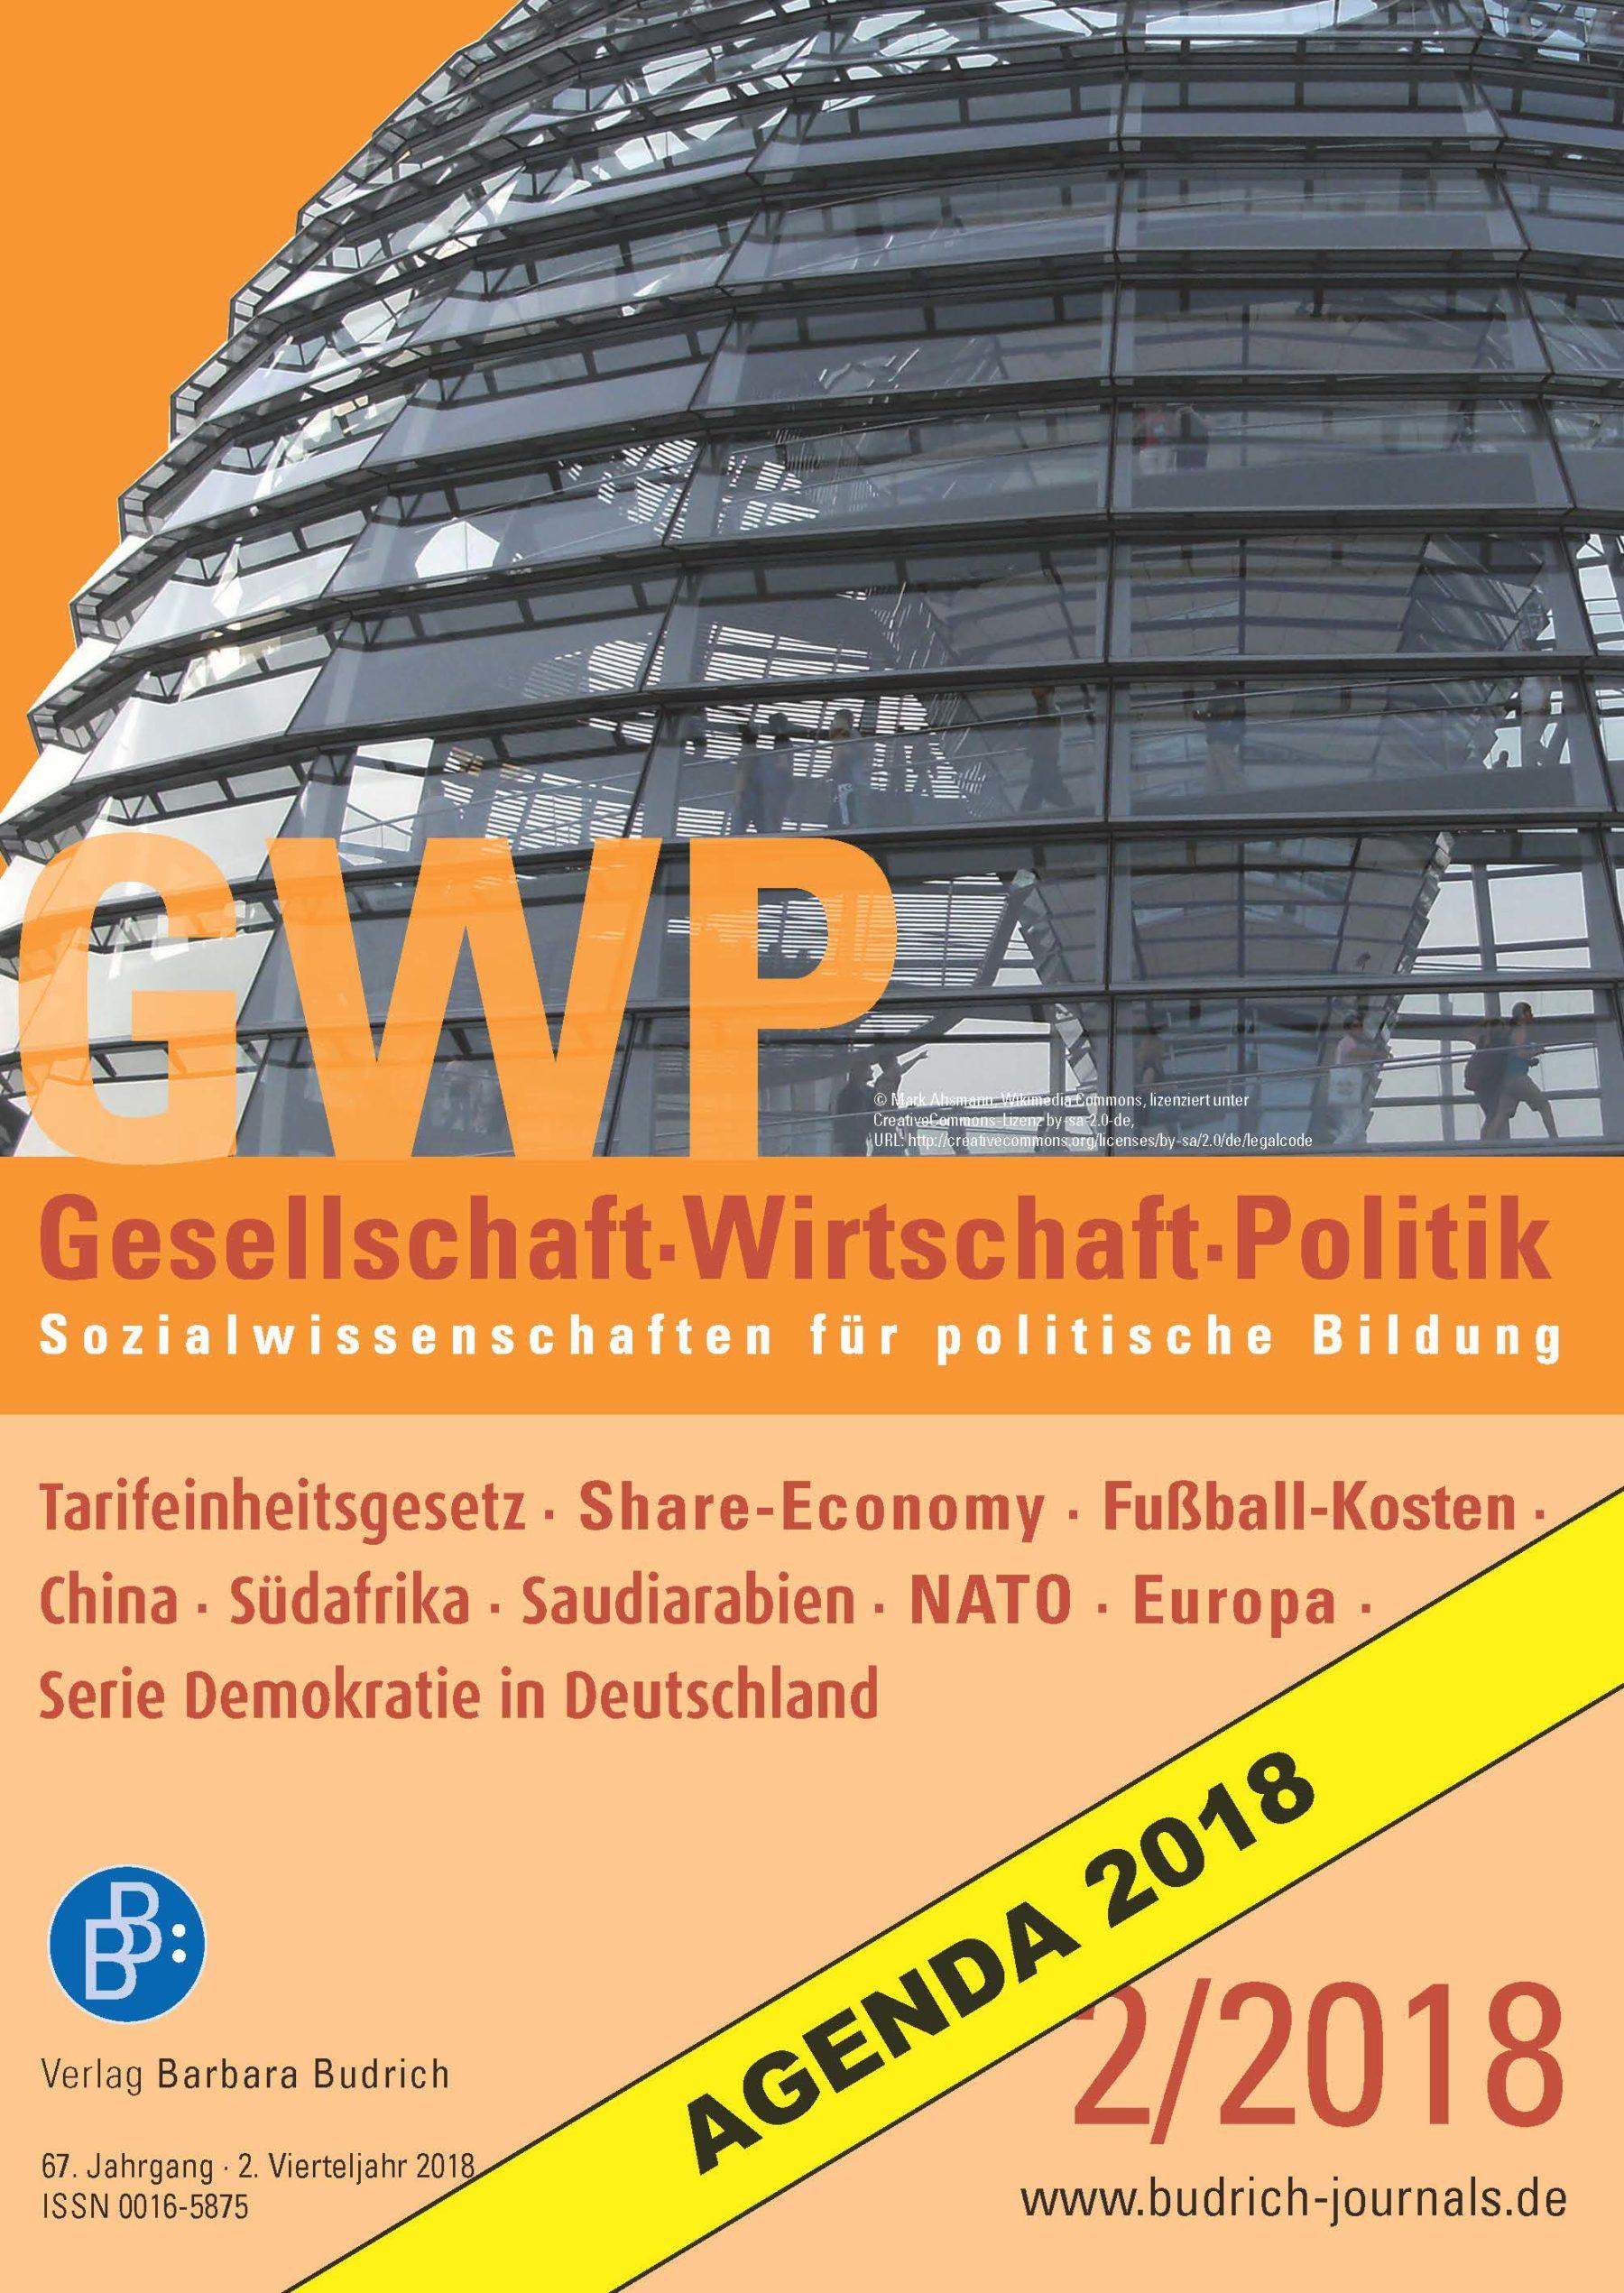 GWP 2-2018 | Tarifeinheitsgesetz · Share-Economy · Fußball-Kosten · China · Südafrika · Saudiarabien · NATO · Europa · Serie Demokratie in Deutschland